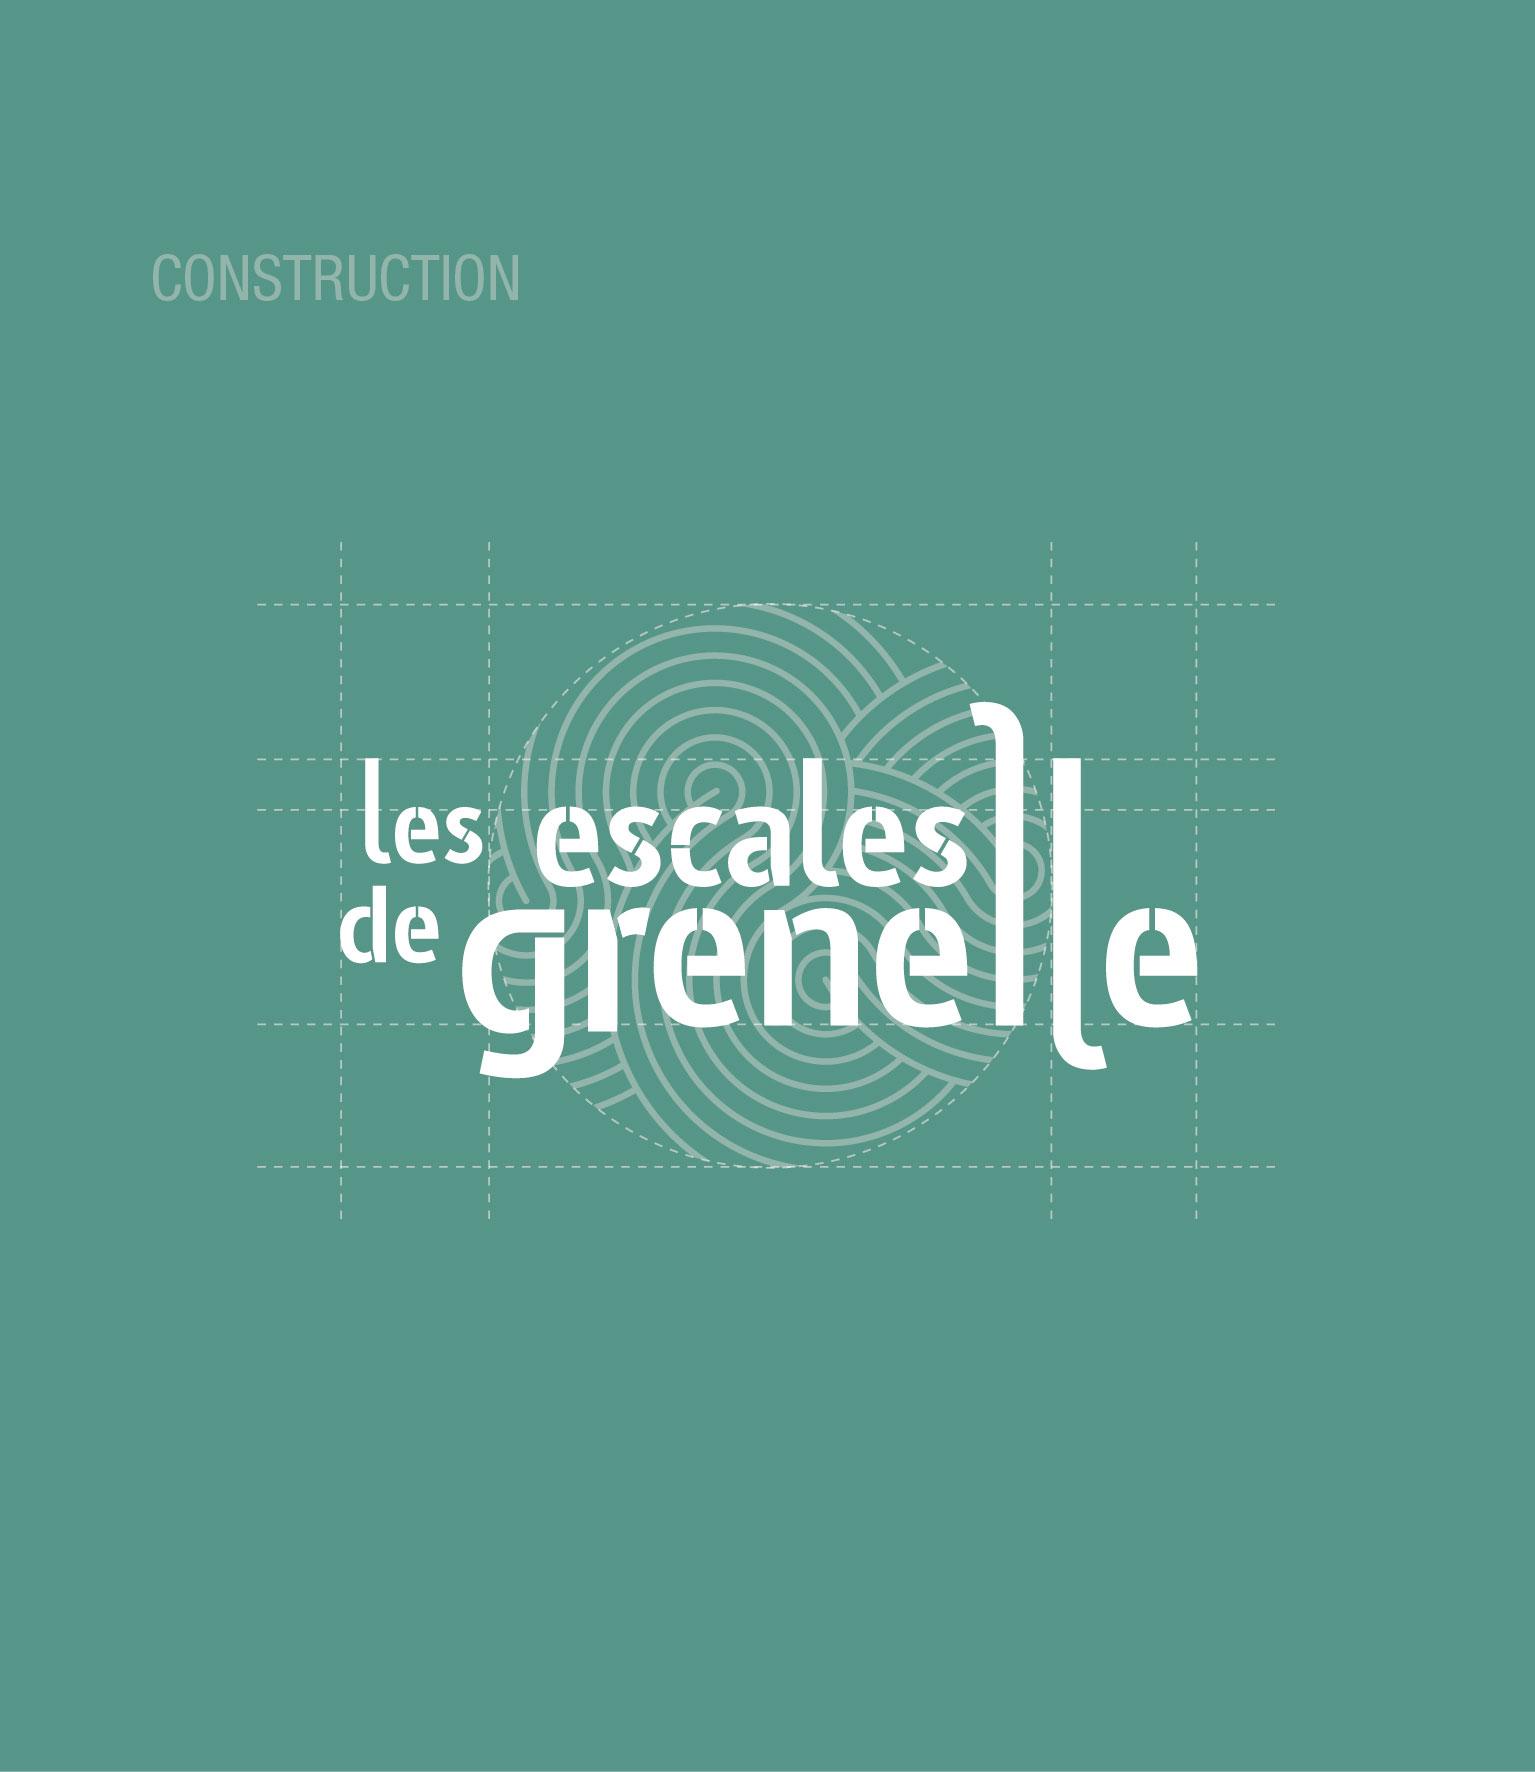 kretz+partners_grenelle_3.jpg